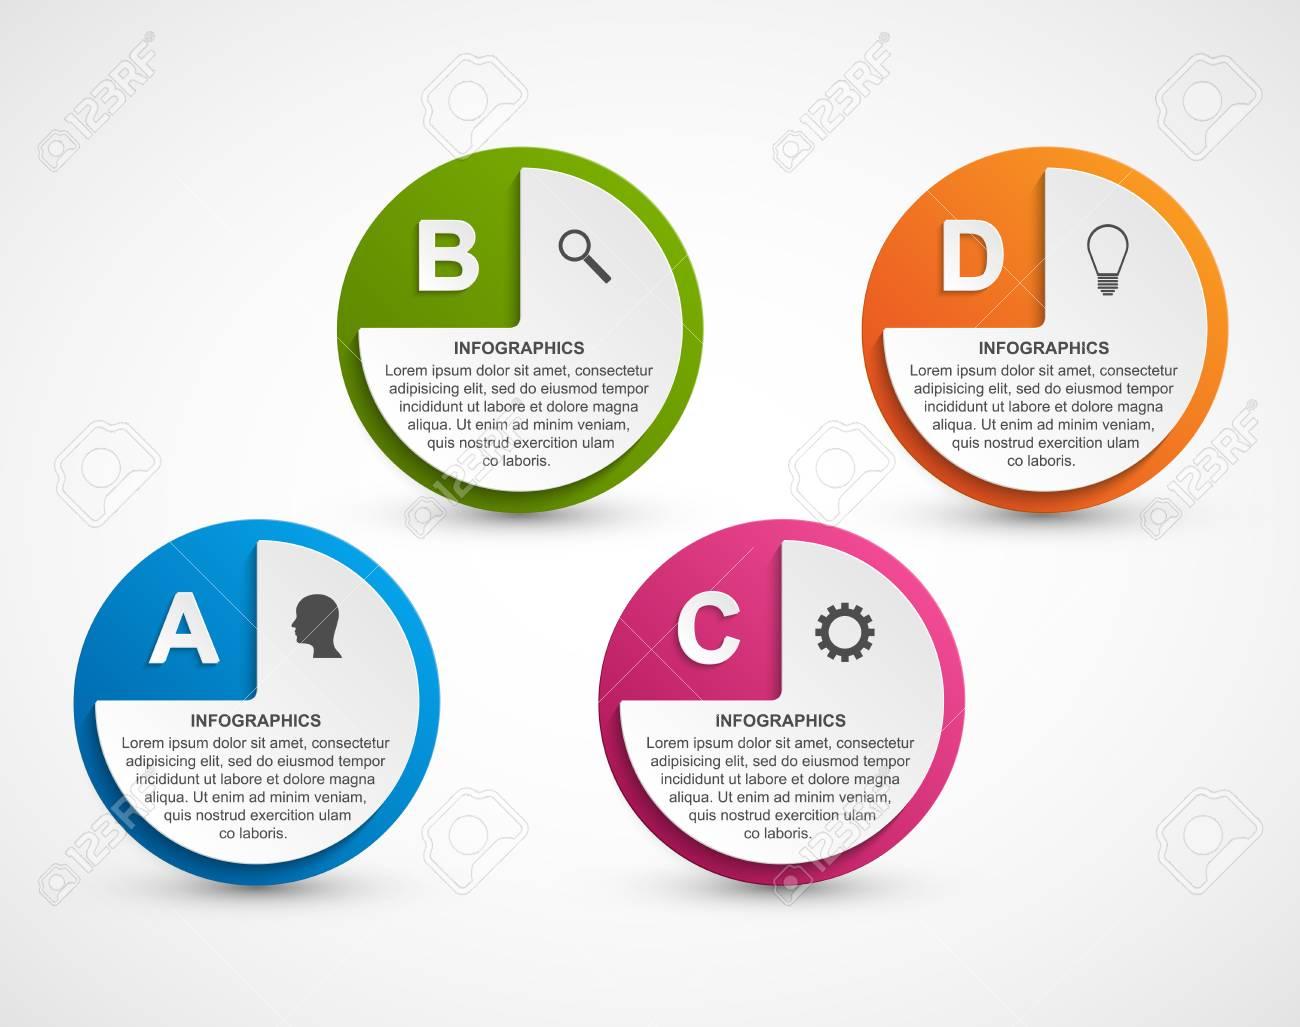 d0eb66cddc75a Foto de archivo - Opciones abstractas infografía infografía . infografía  para presentaciones de negocios o información de la bandera .